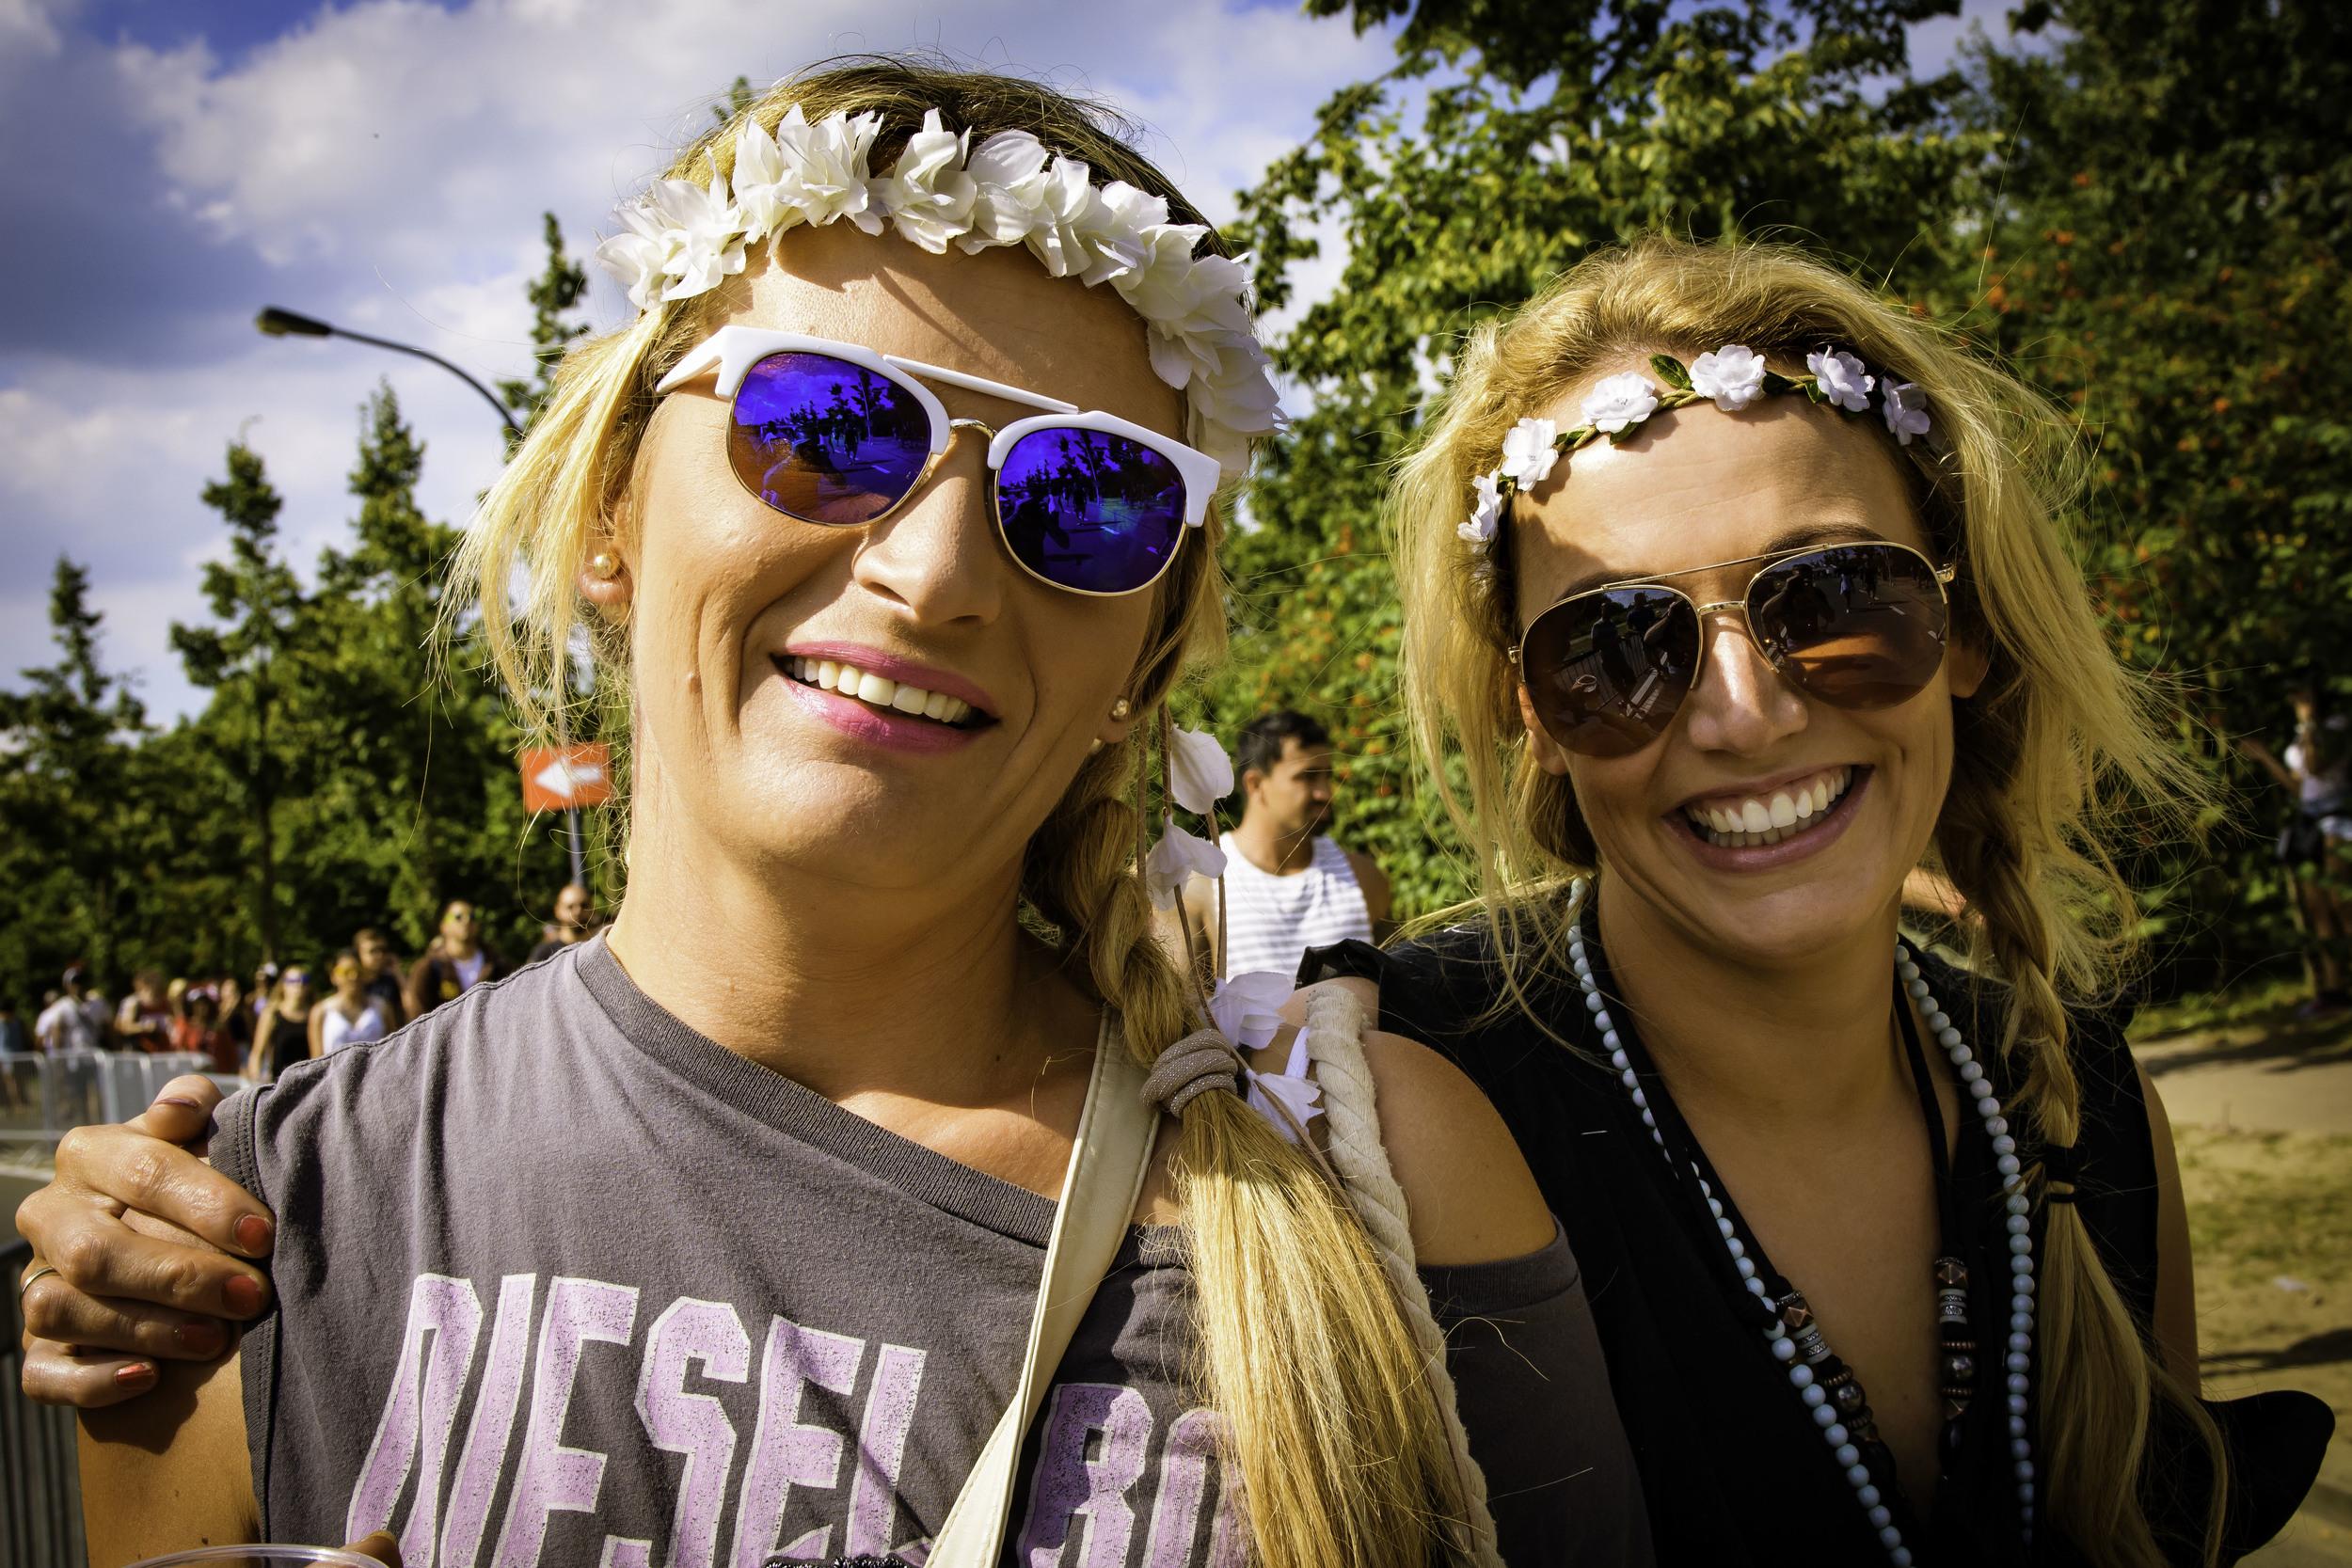 viewfinder-geen-eigenzinnige-fotografie-wel-snapshots-tomorrowland-themadness-2016-flowergirls-kom-ik-op-porno-site-wtf